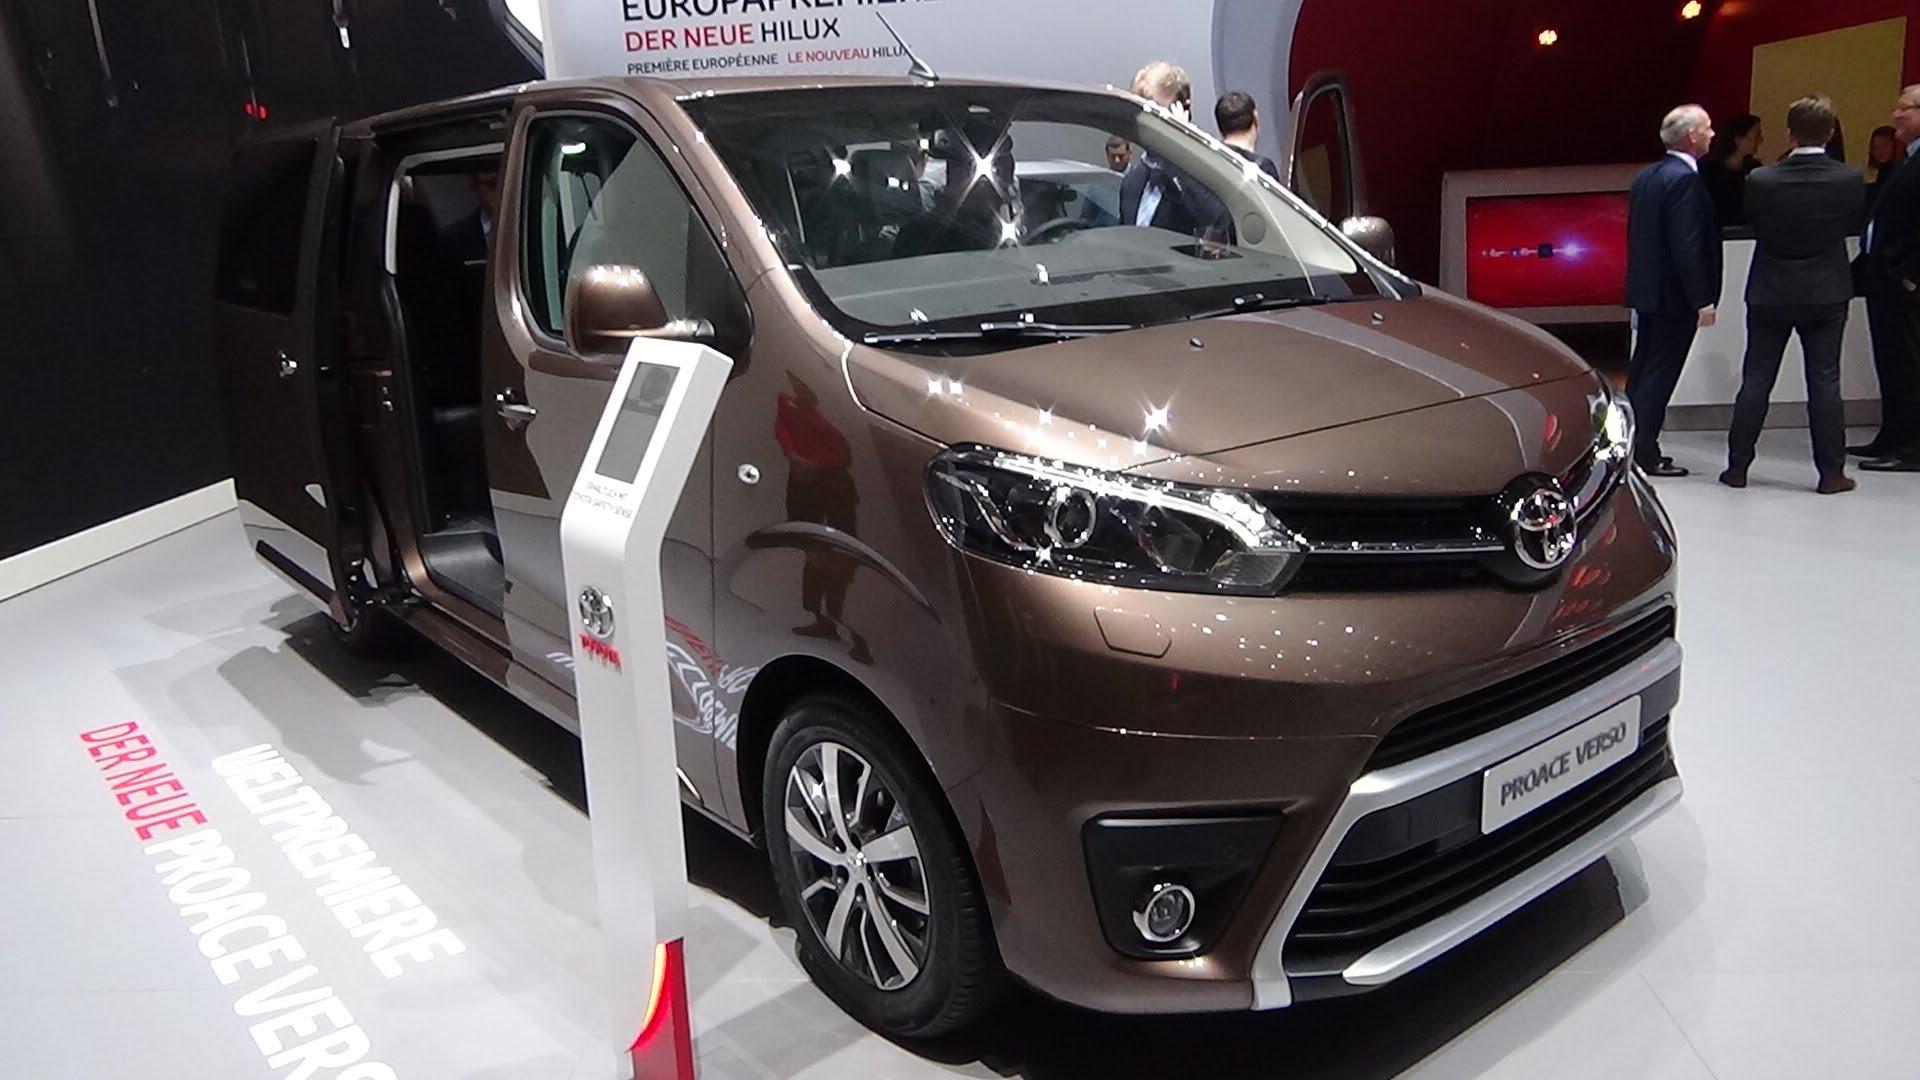 Un versátil y completo modelo de Toyota que puede alternar el trabajo profesional con el placer de viajar en grupo o en familia disfrutando de cada viaje como comodidad y espacio suficiente.